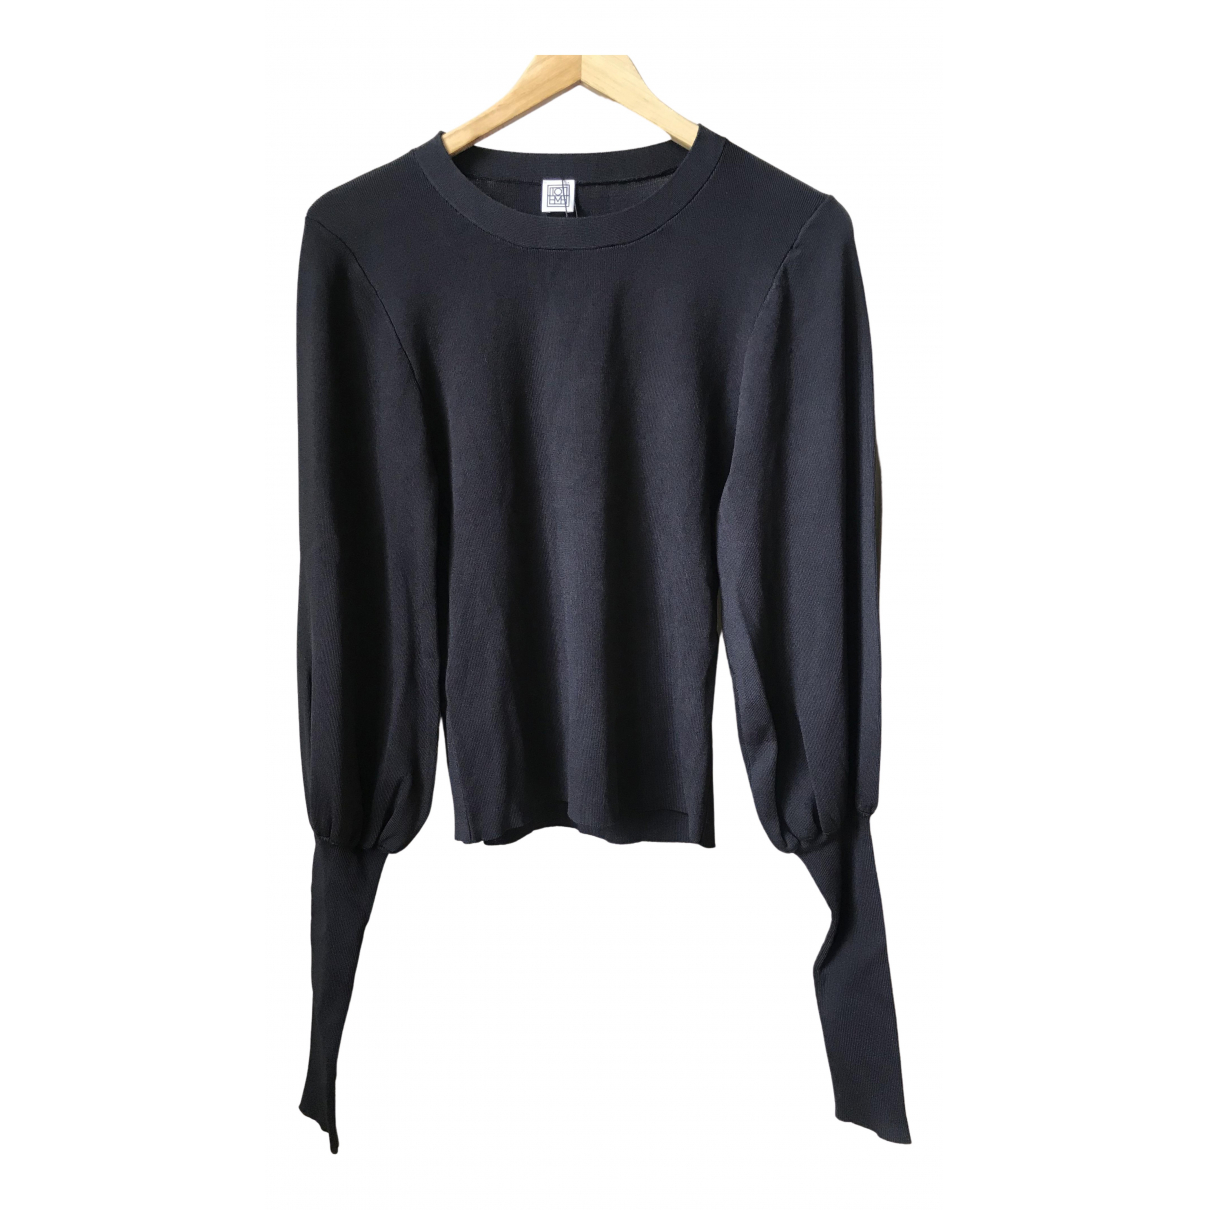 Toteme \N Pullover in  Schwarz Viskose